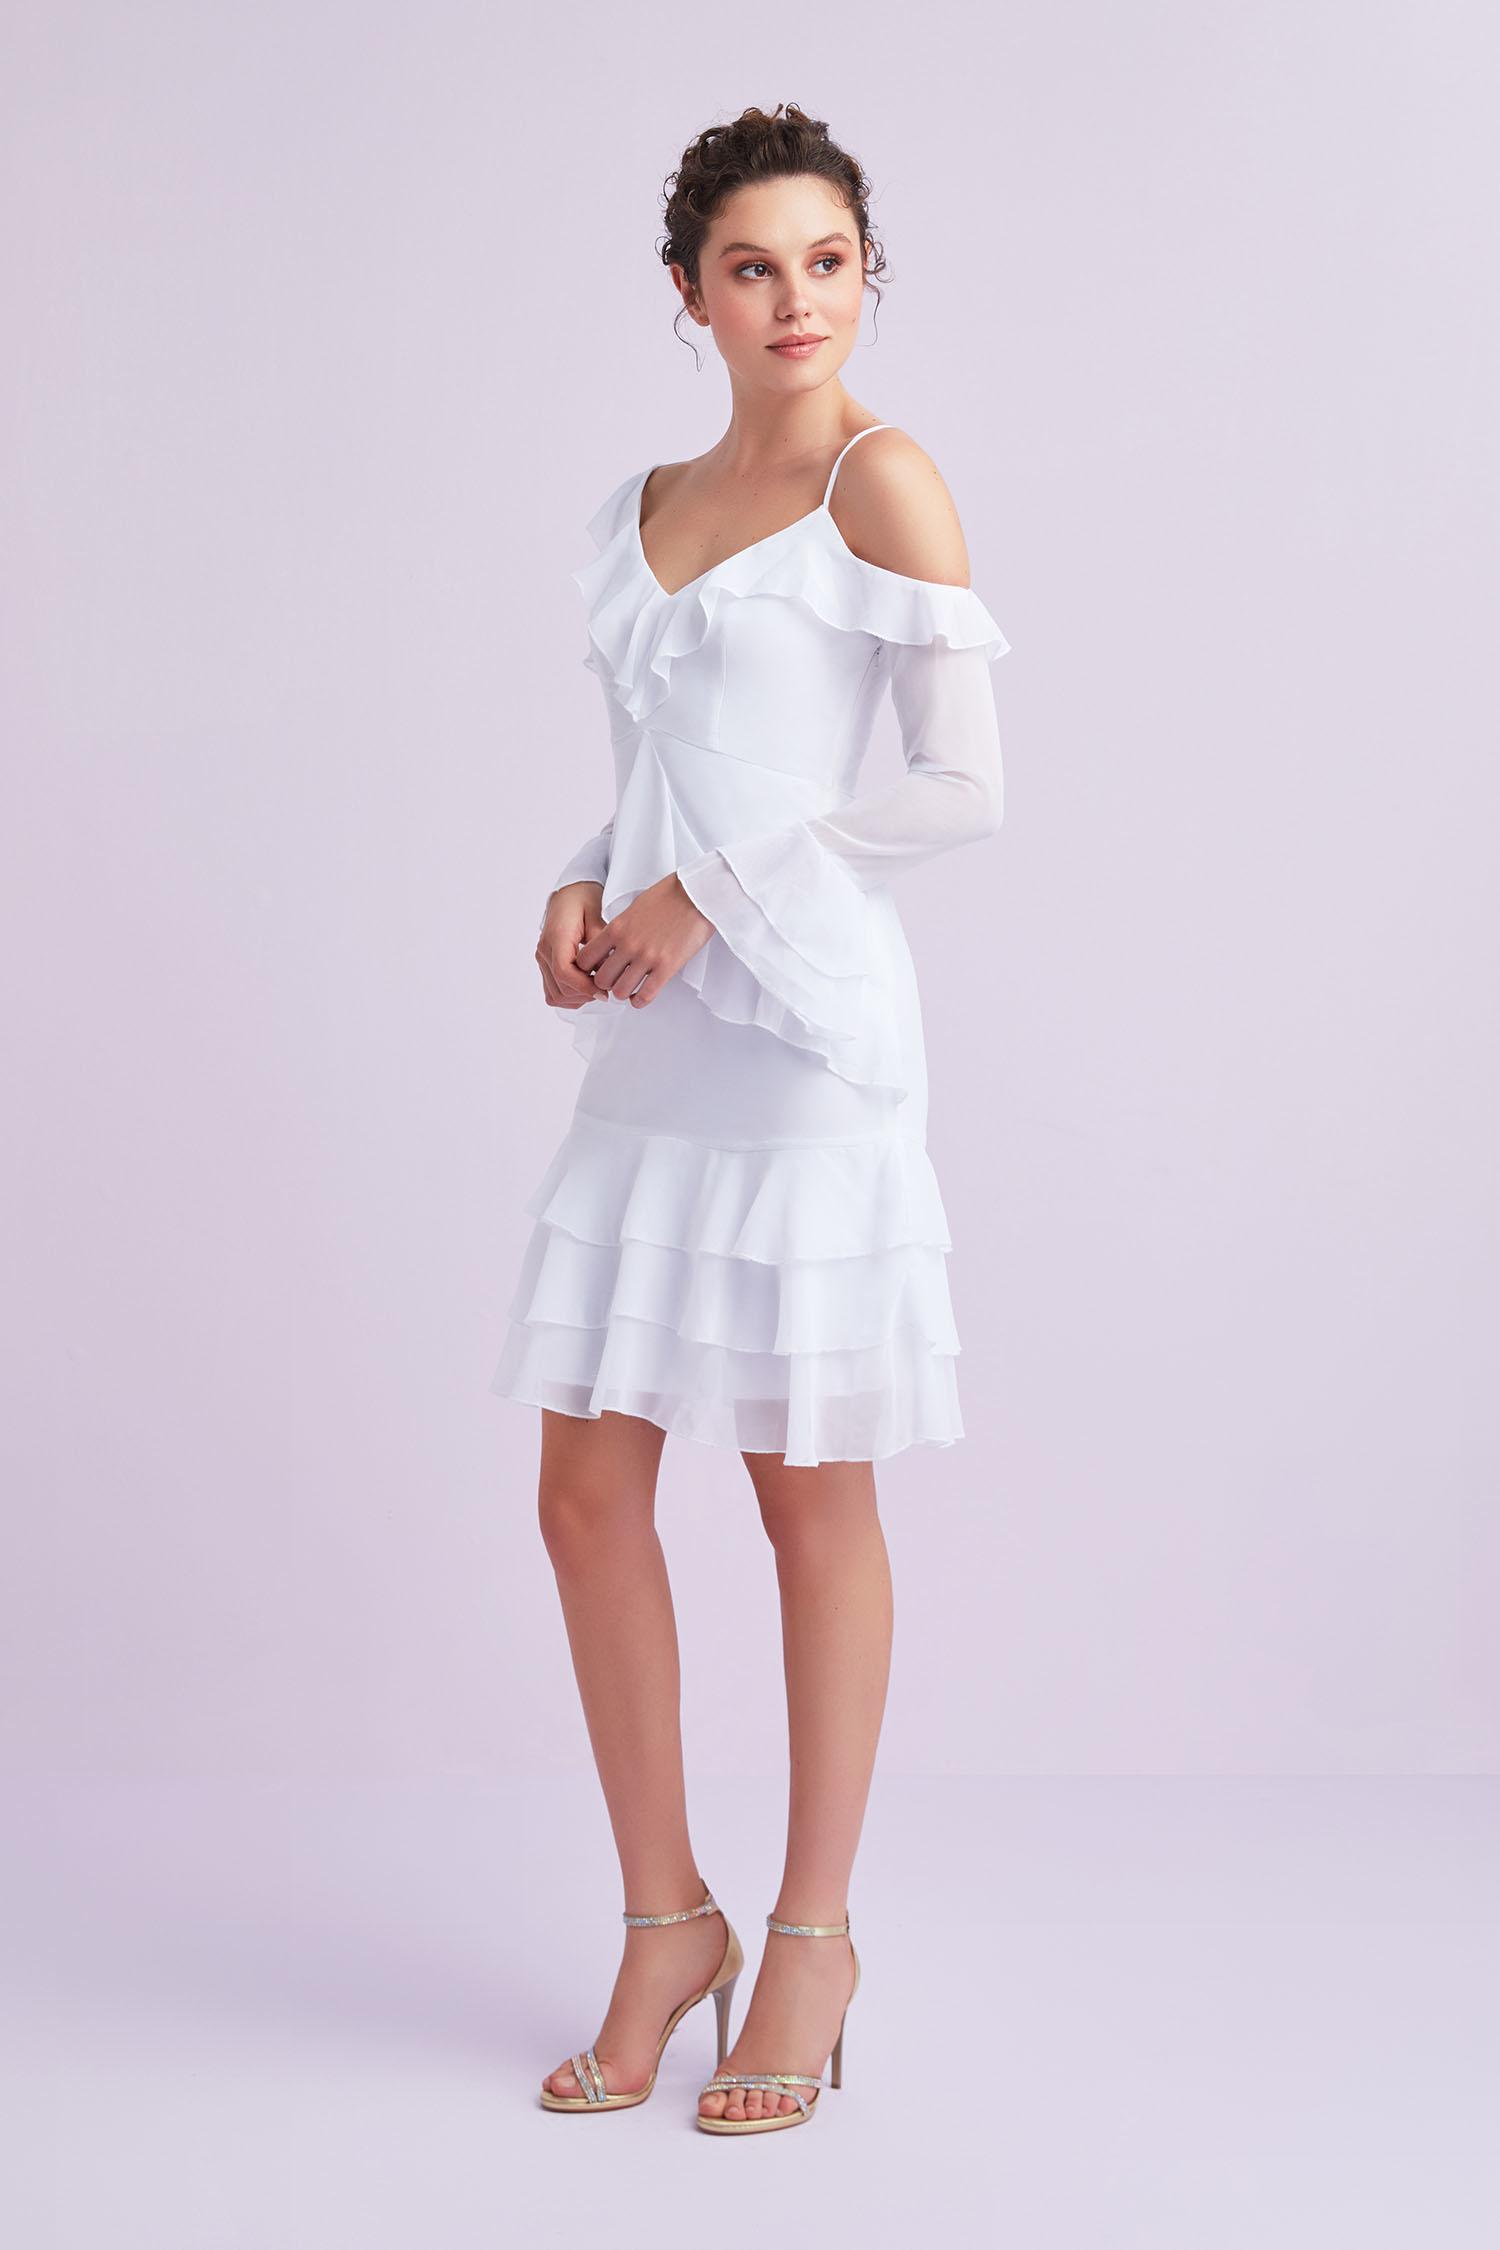 Beyaz Uzun Kollu Farbalalı Şifon Kısa Büyük Beden Nikah Elbisesi - Thumbnail